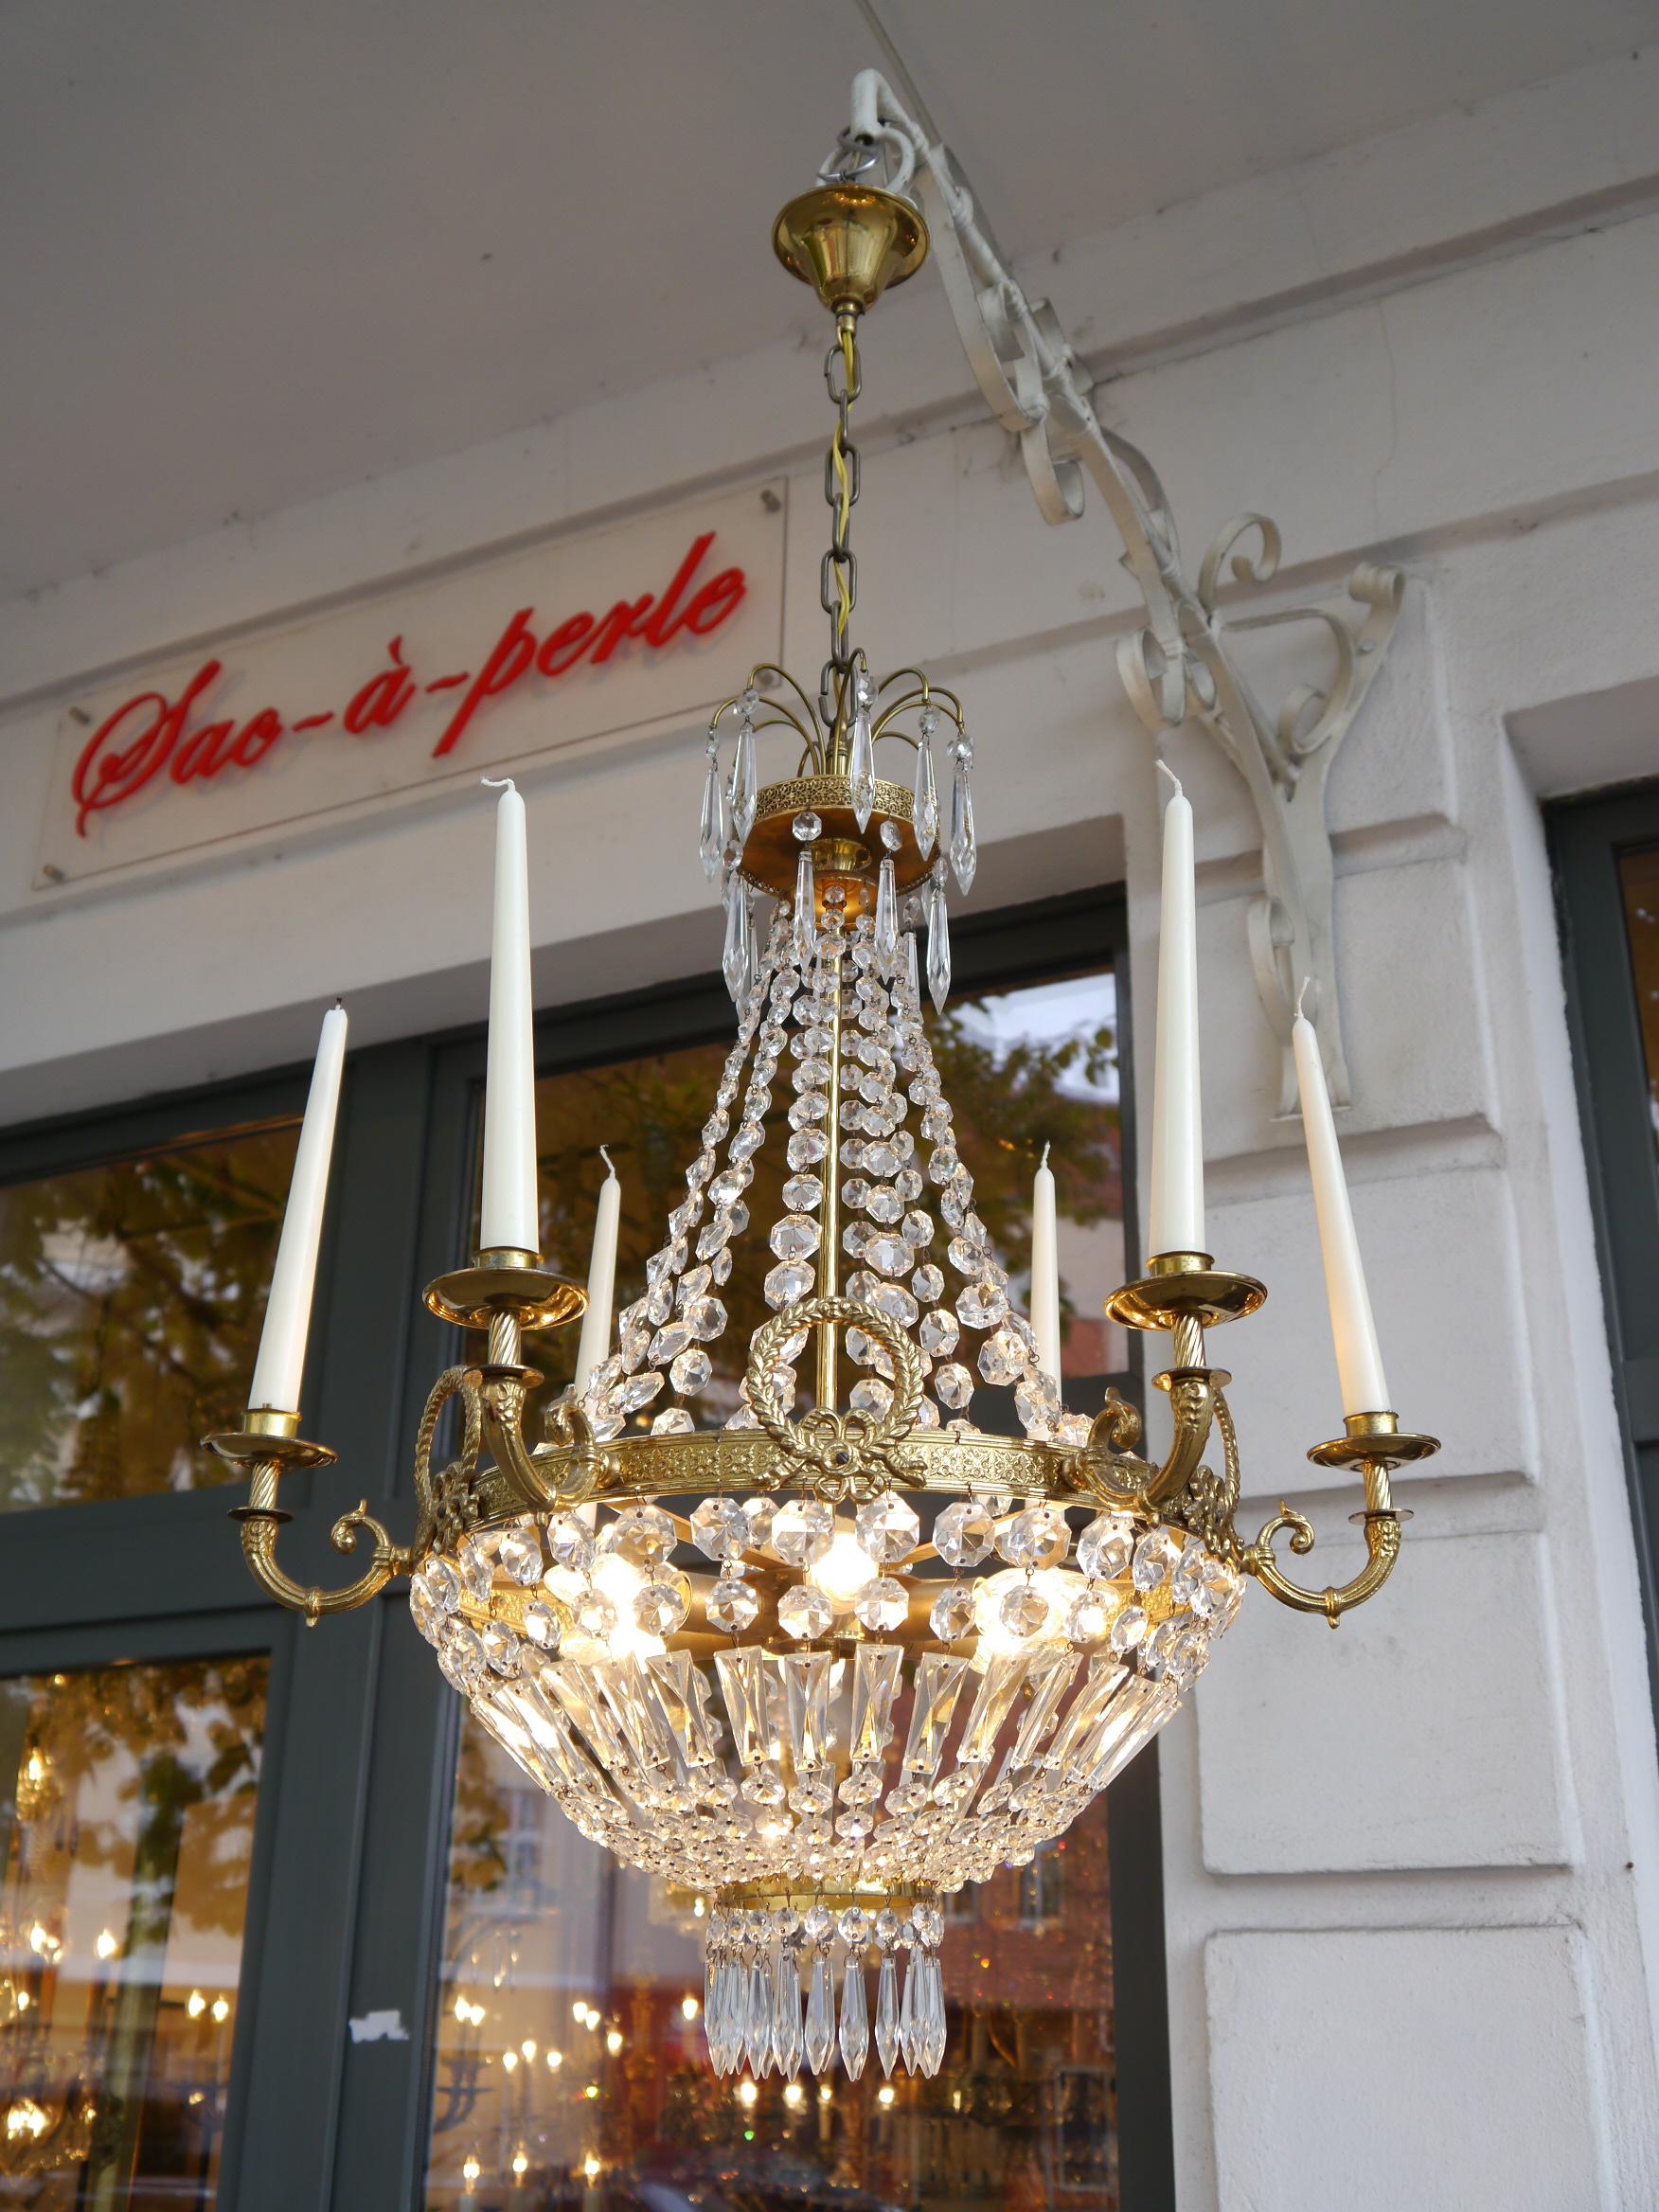 Sac-a-perle - schöner Kerzen Korblüster Kronleuchter alt, antike ...